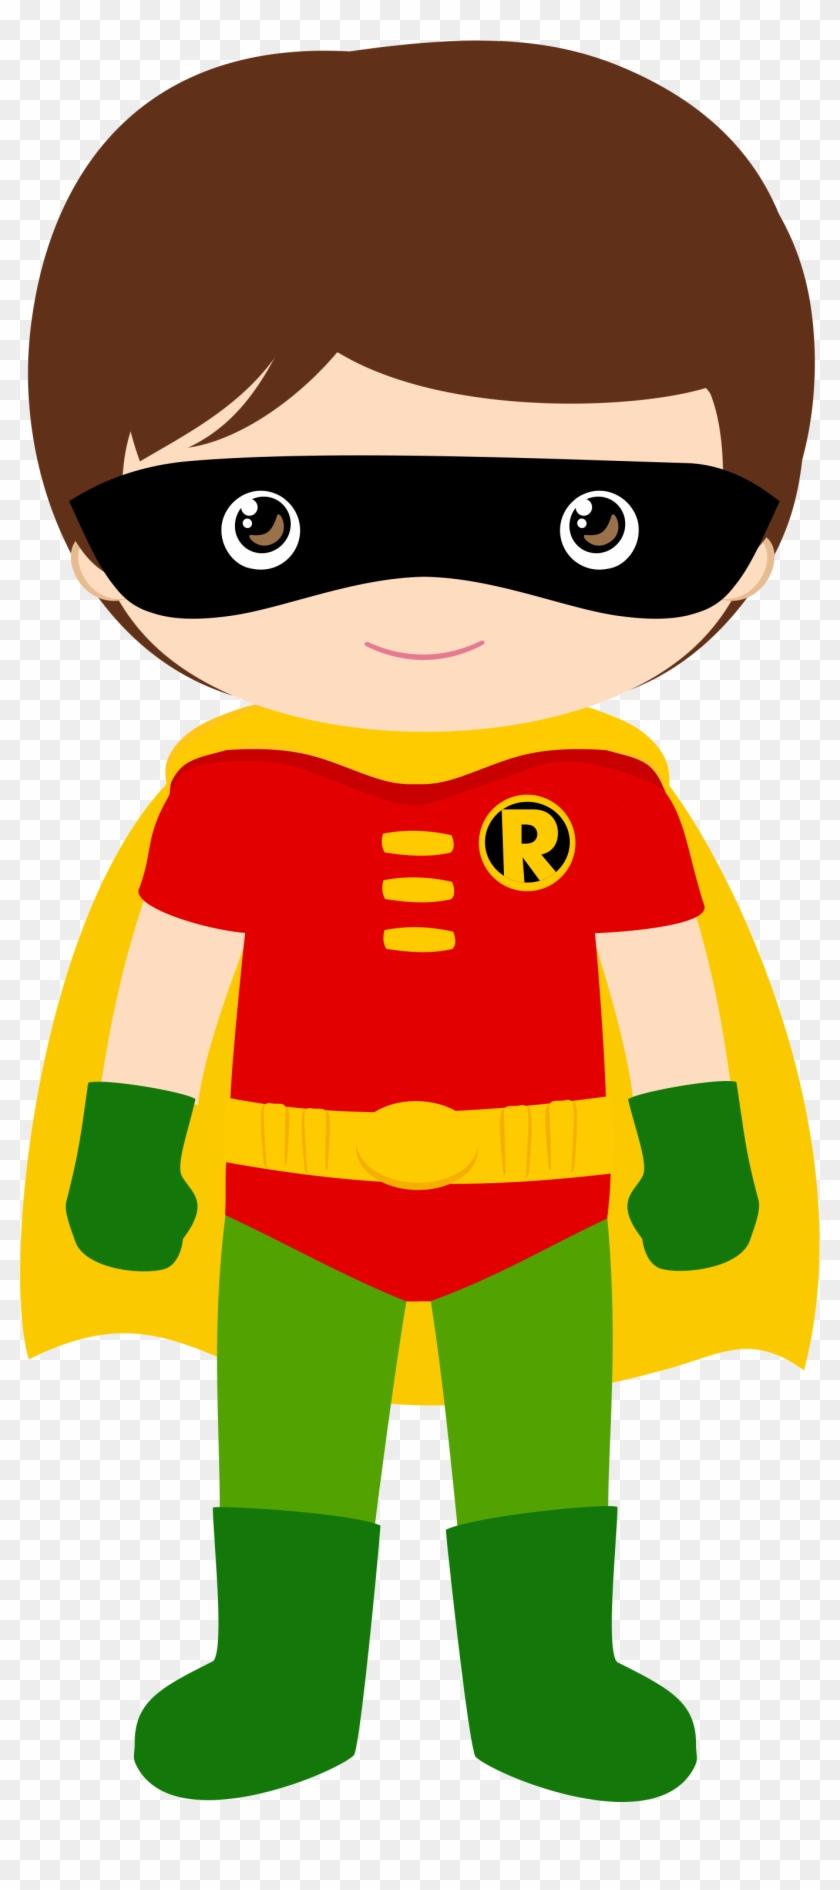 Robin - Batman Robin Clipart #2796